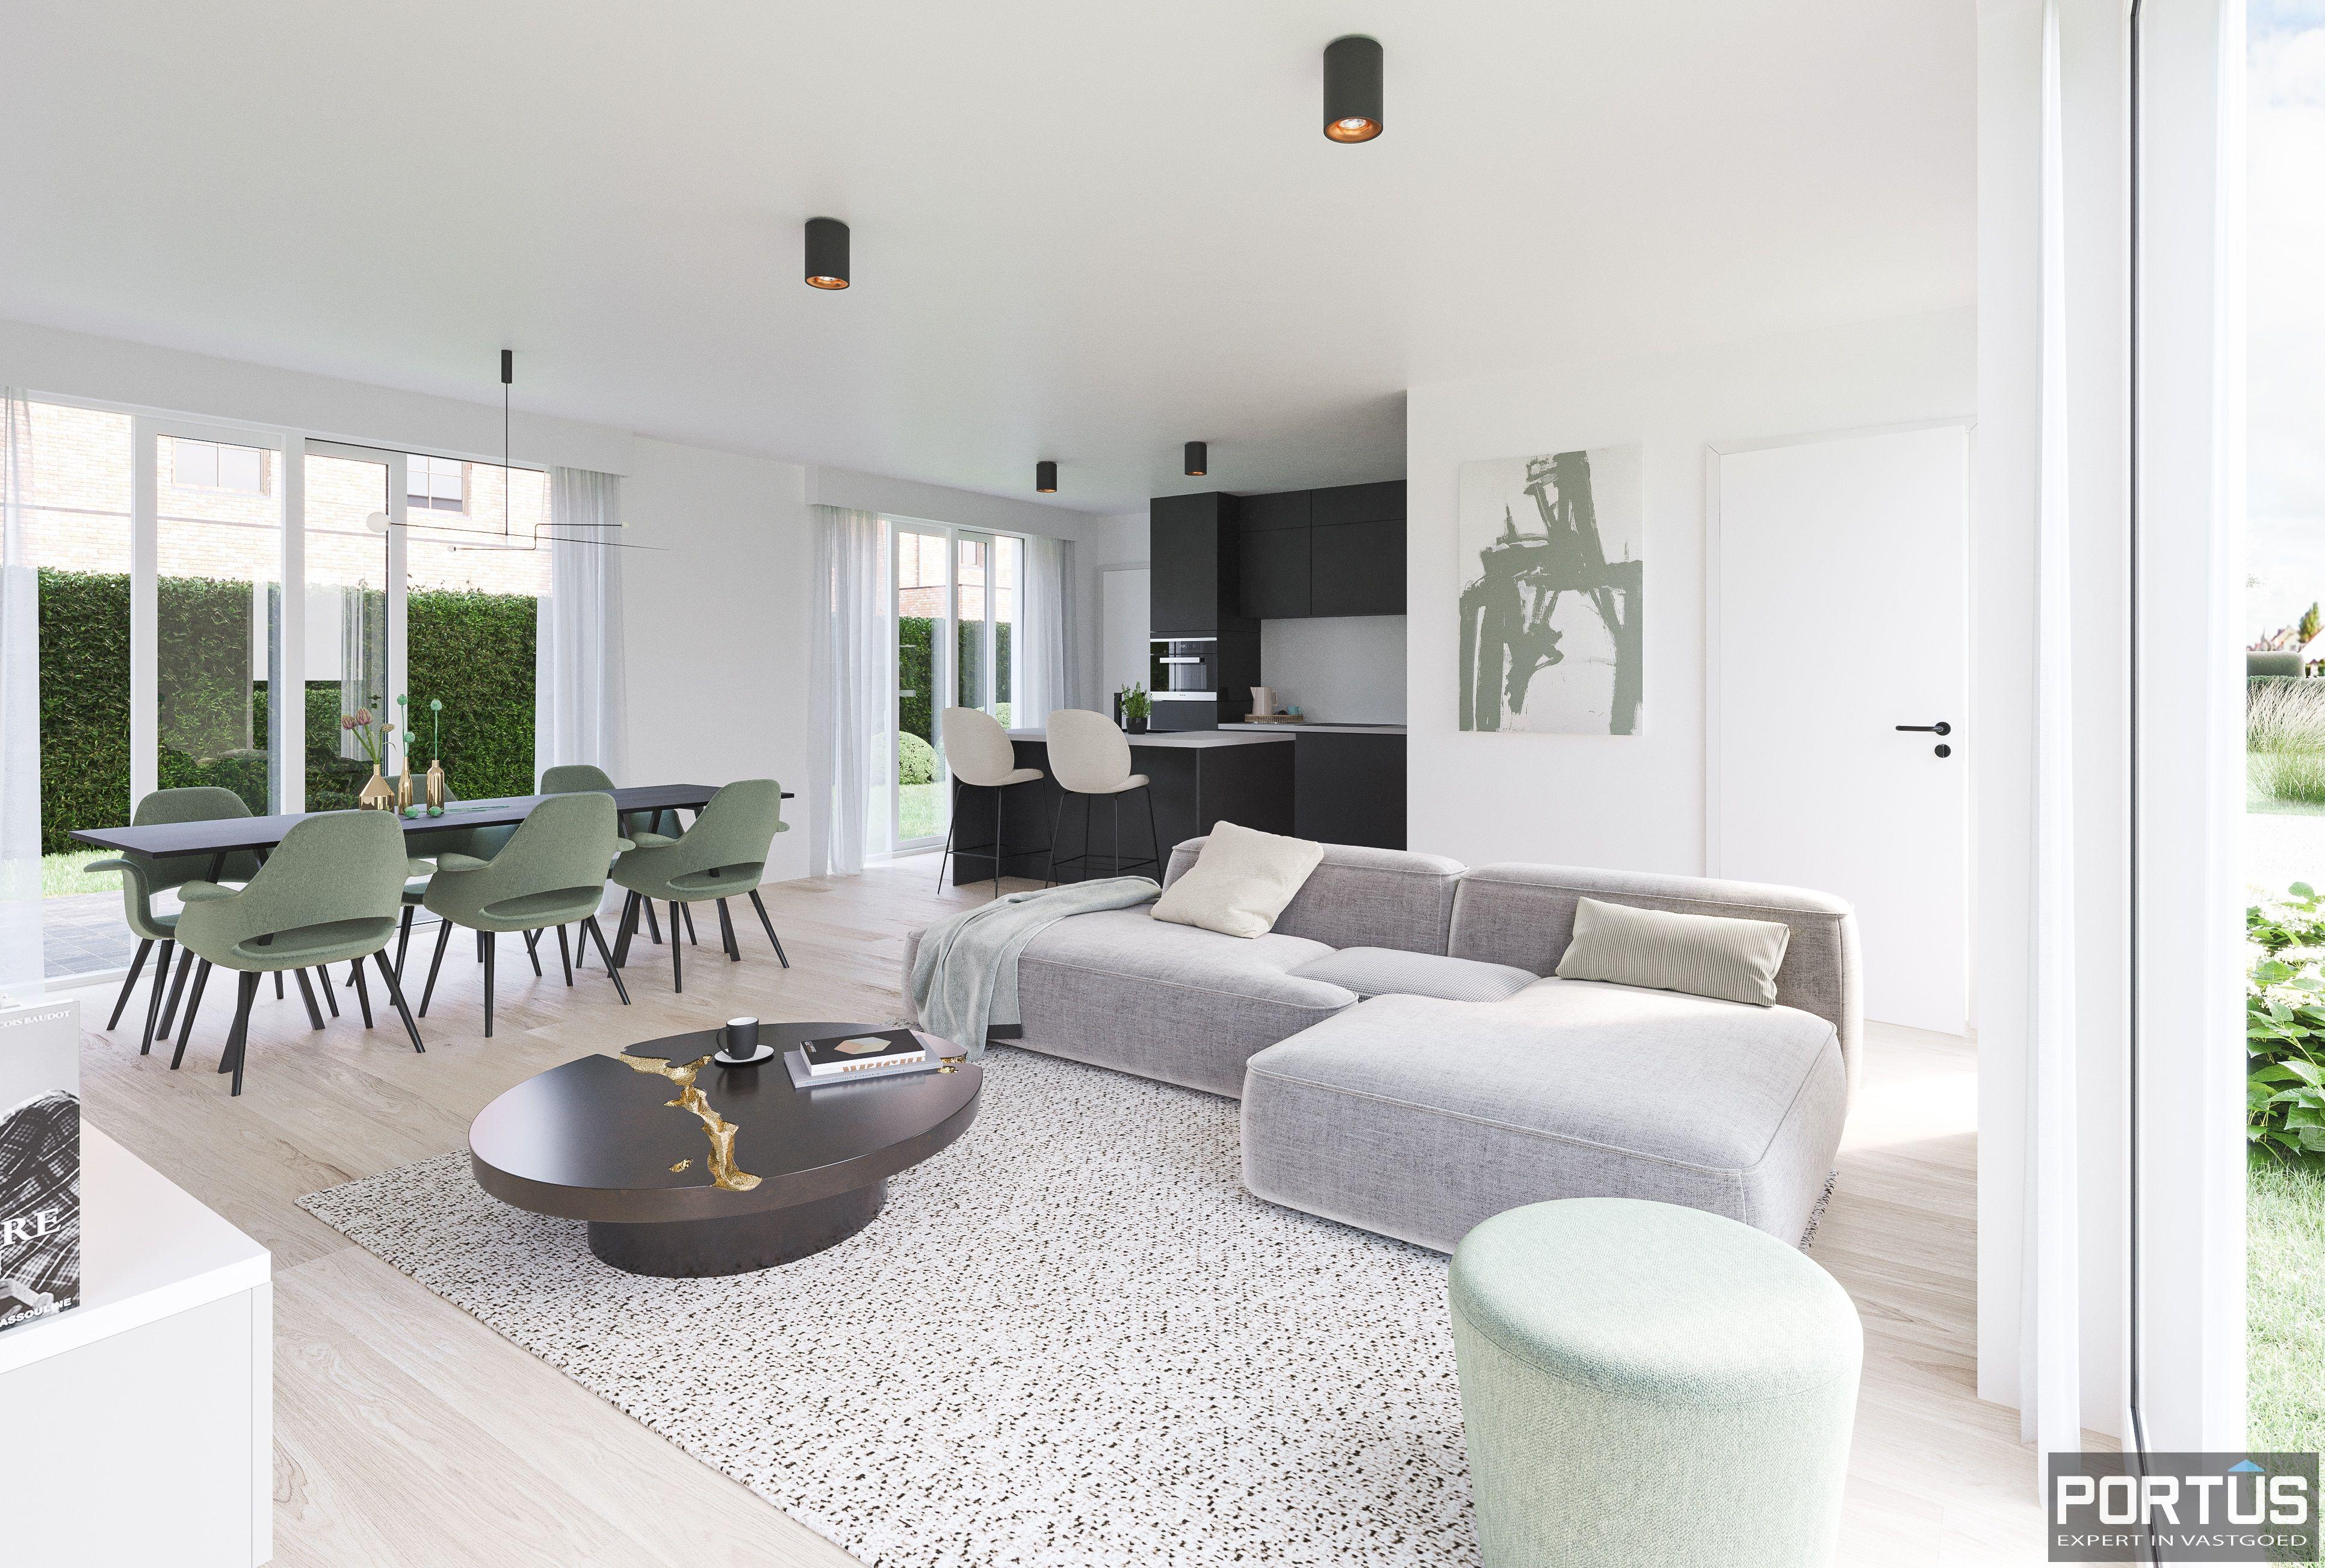 Landelijke gezinswoning met 3 slaapkamers te koop te Lombardsijde - 11910